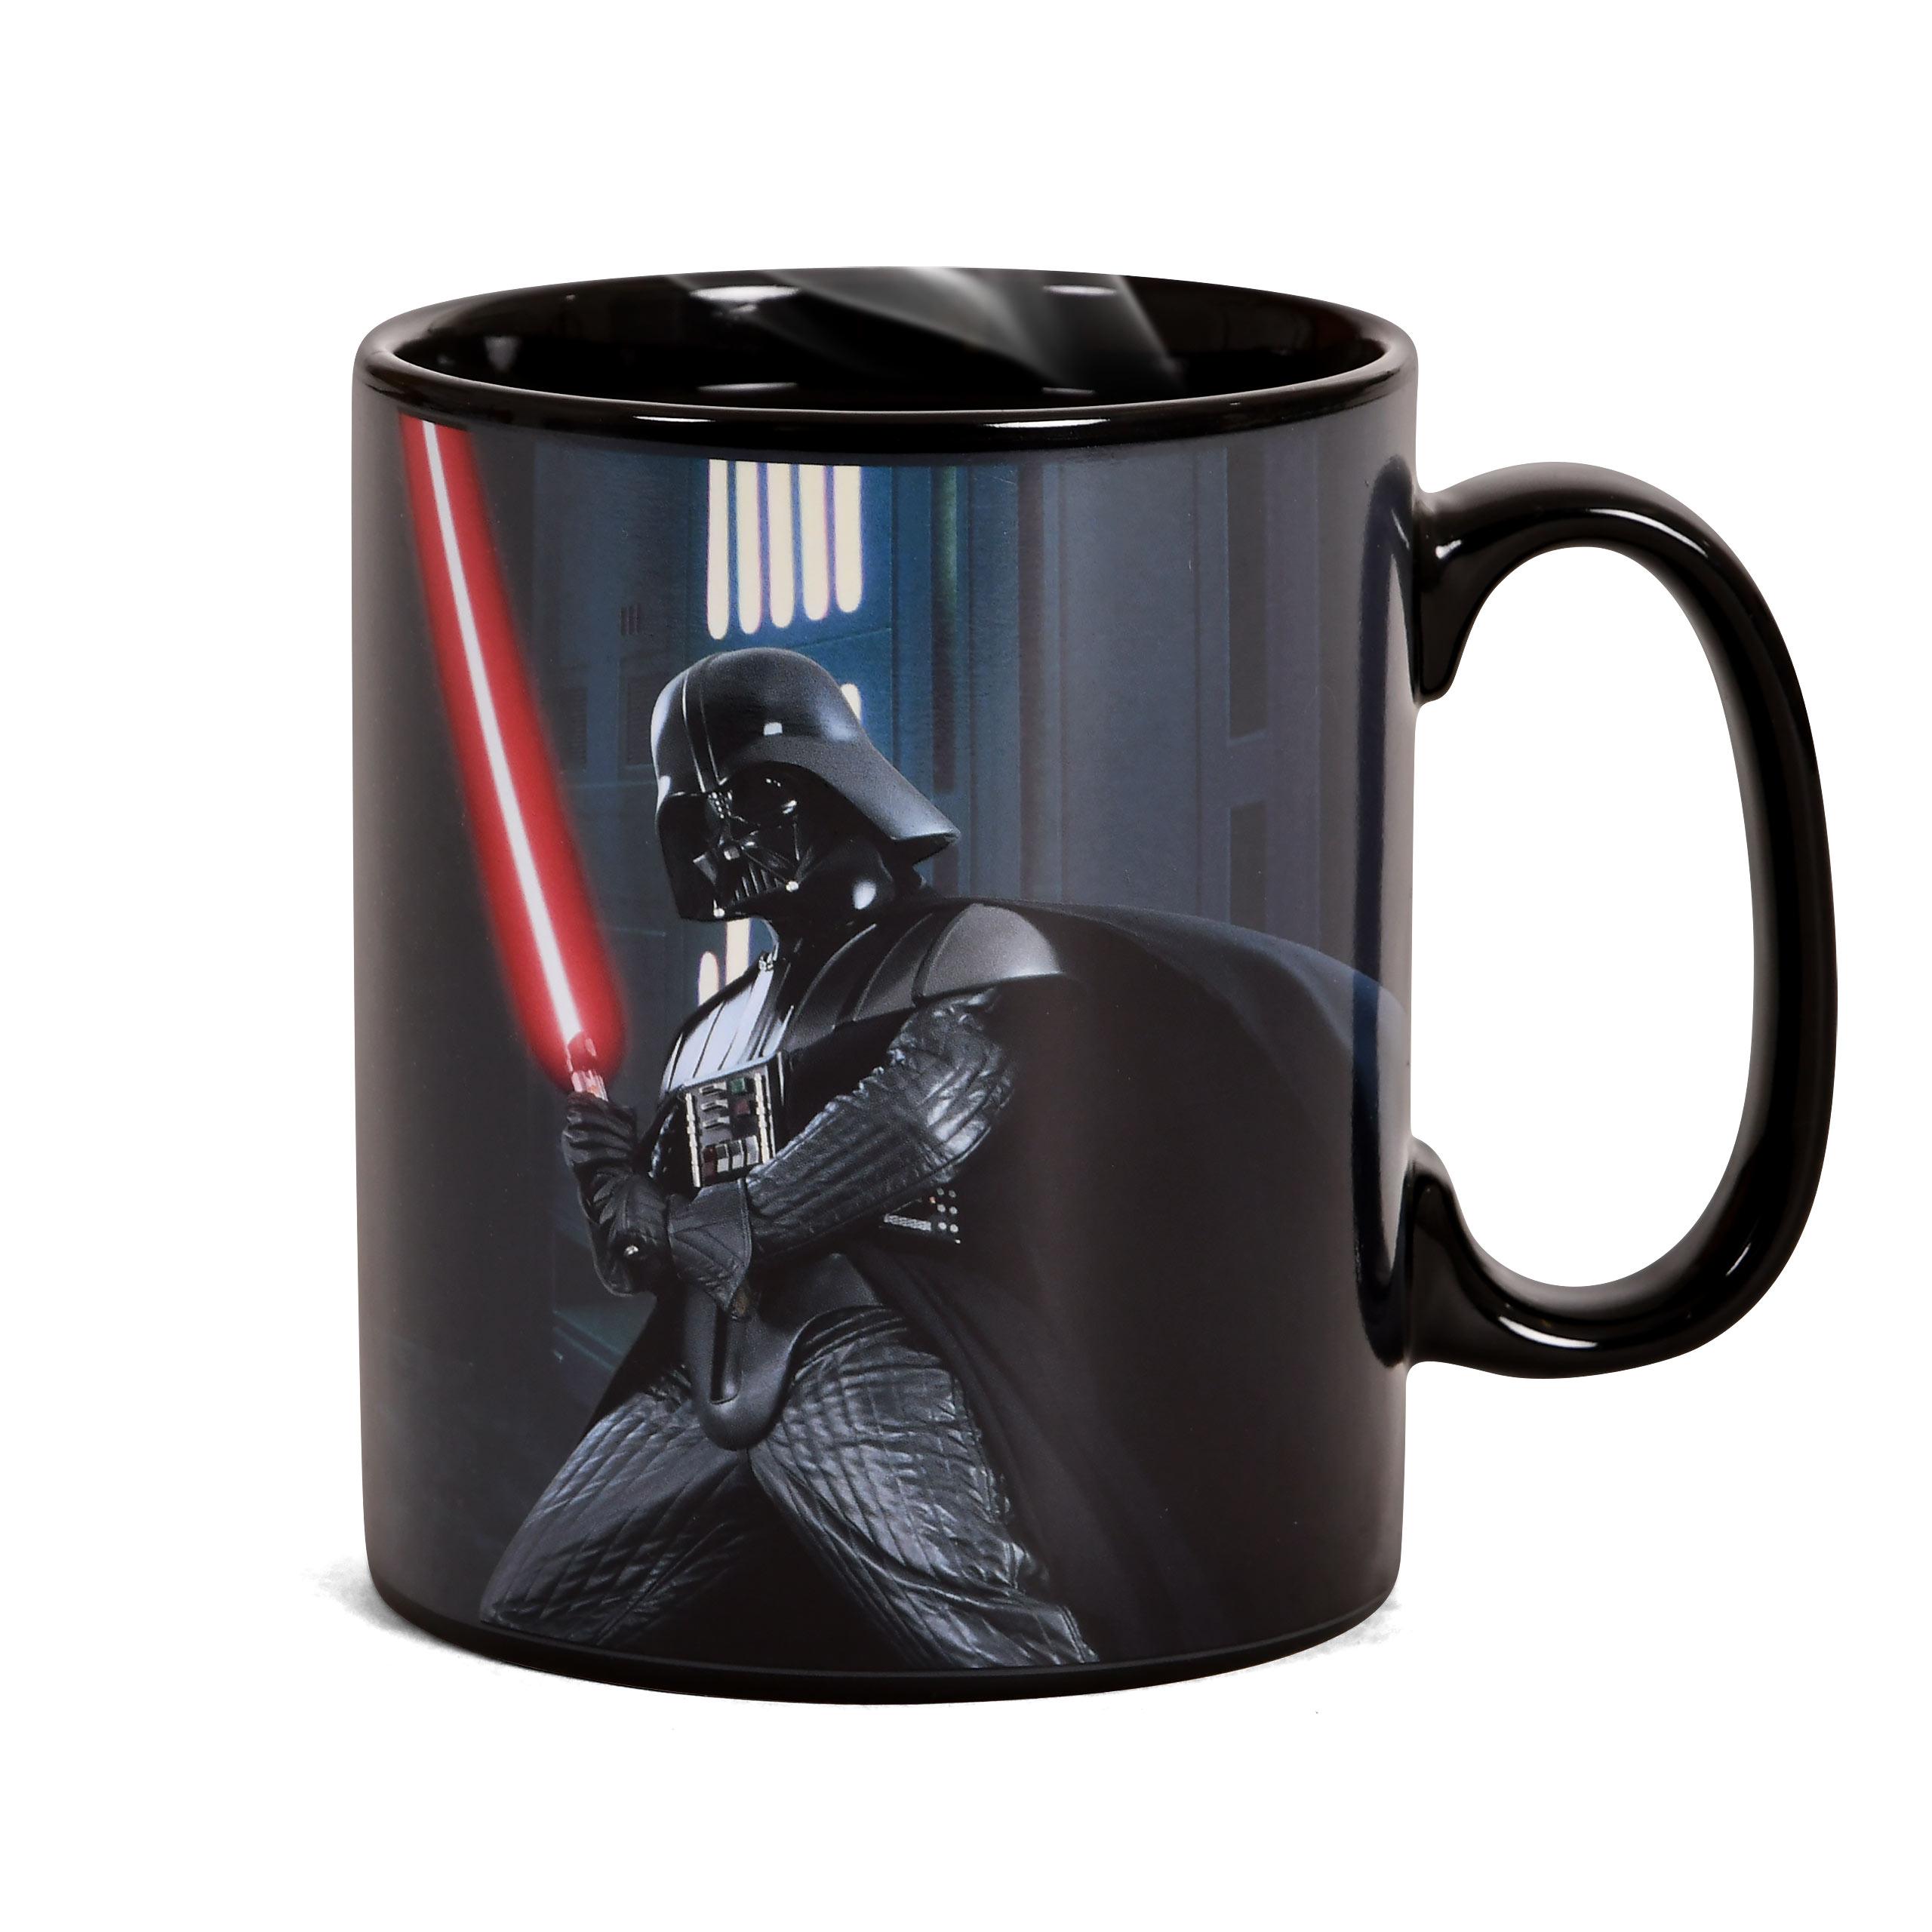 Star Wars - Darth Vader Thermoeffekt Tasse